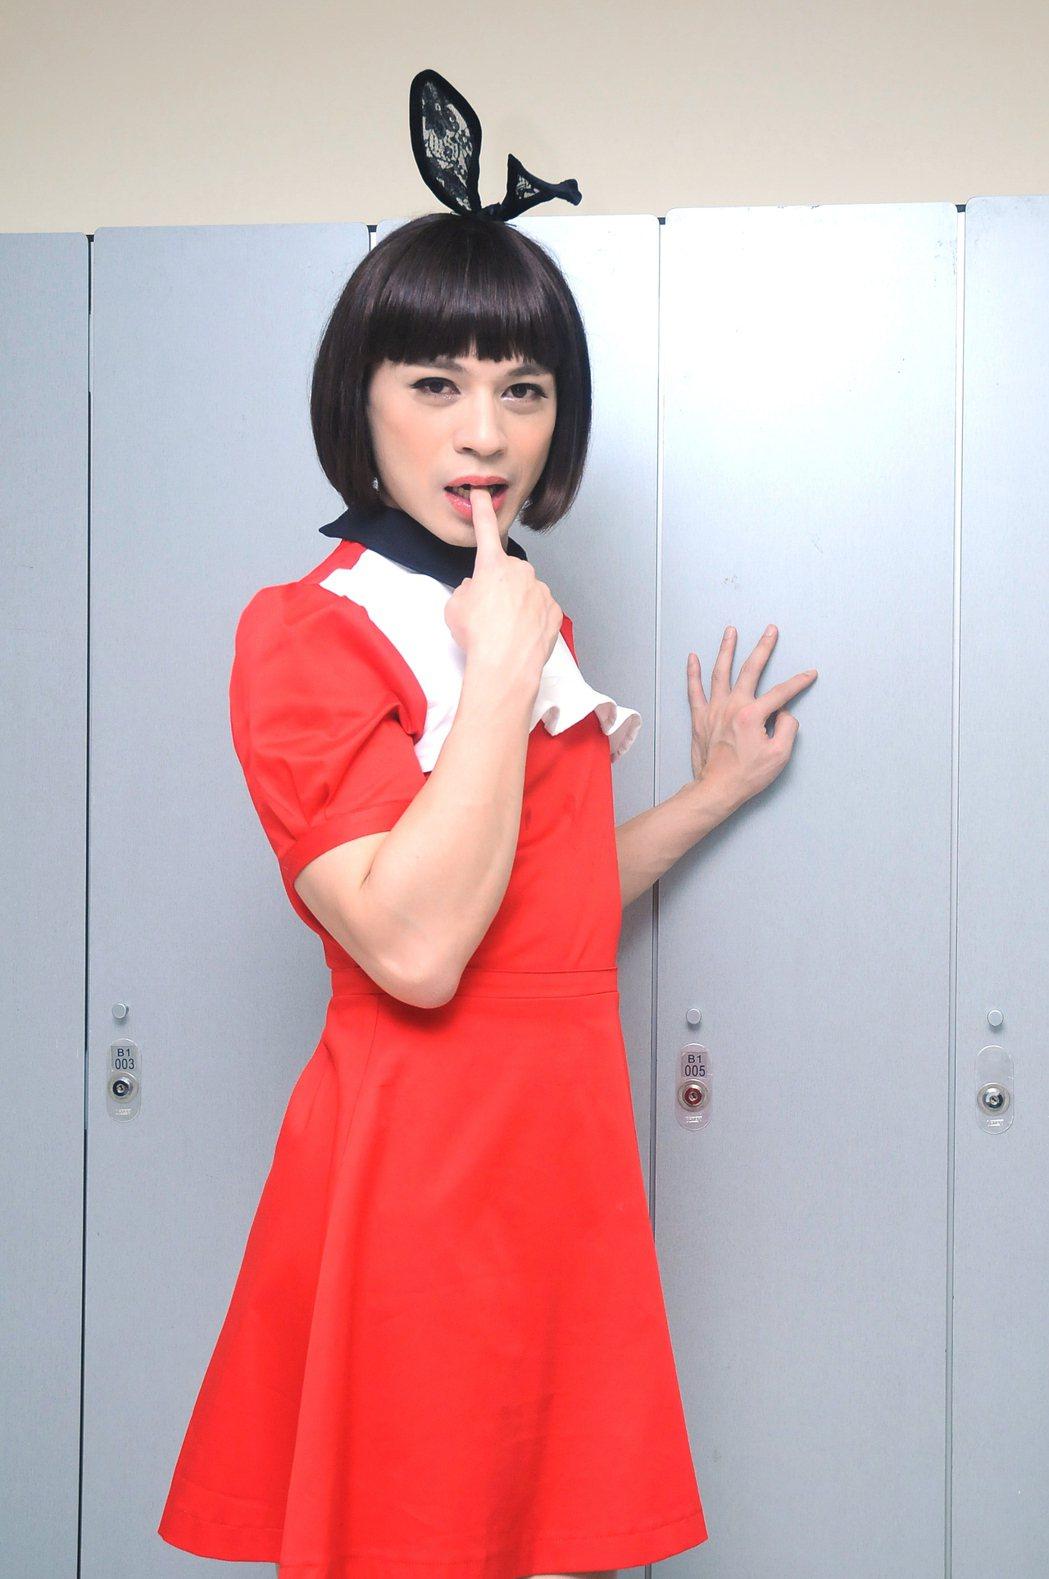 阿ken反串女裝比女生還美。圖/台視提供